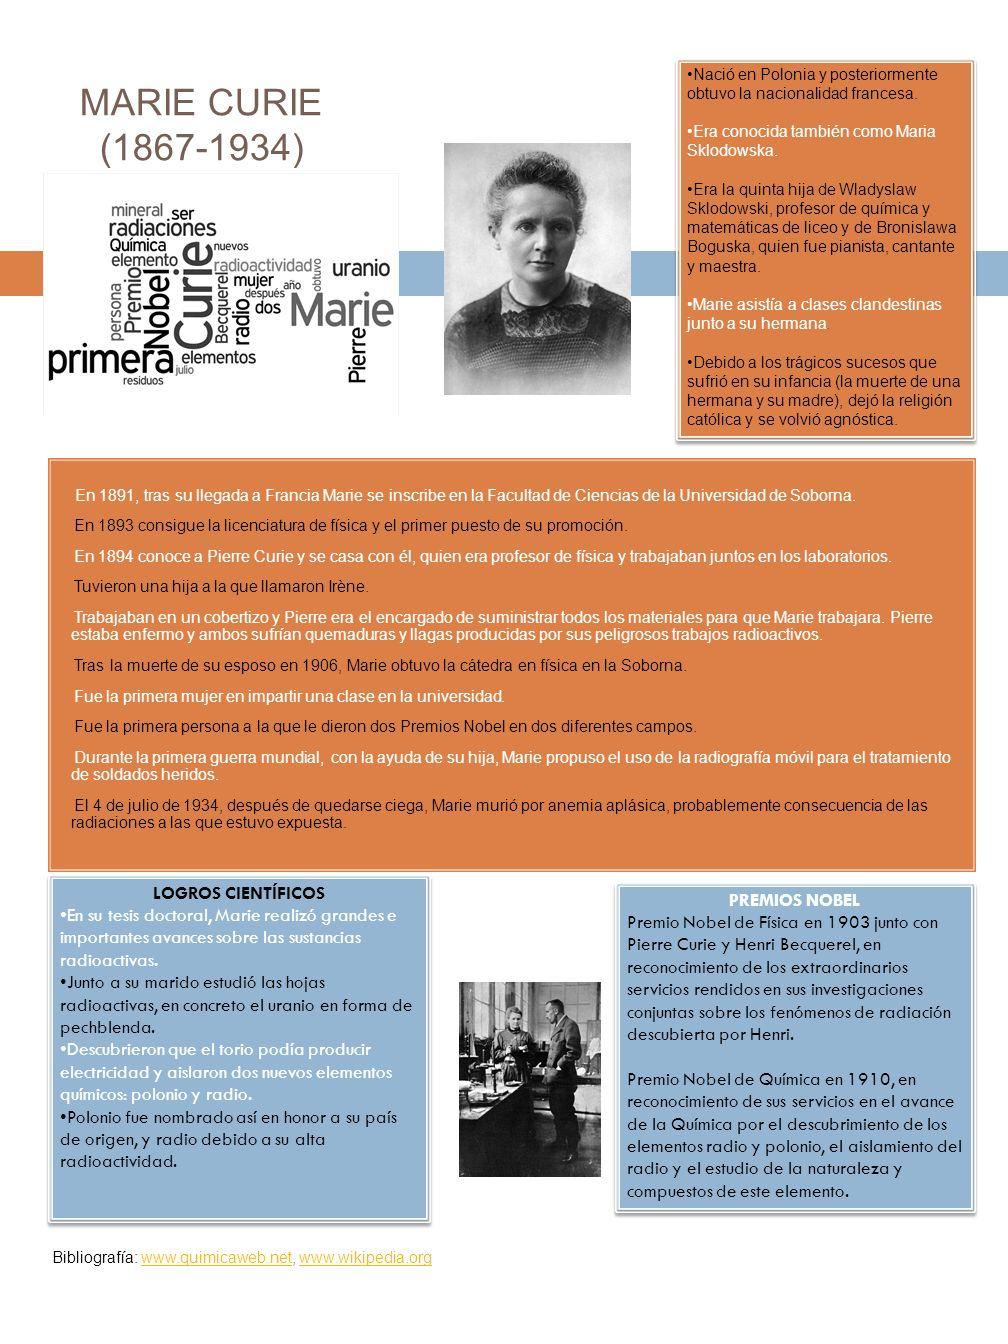 MARIE CURIE (1867-1934) En 1891, tras su llegada a Francia Marie se inscribe en la Facultad de Ciencias de la Universidad de Soborna.